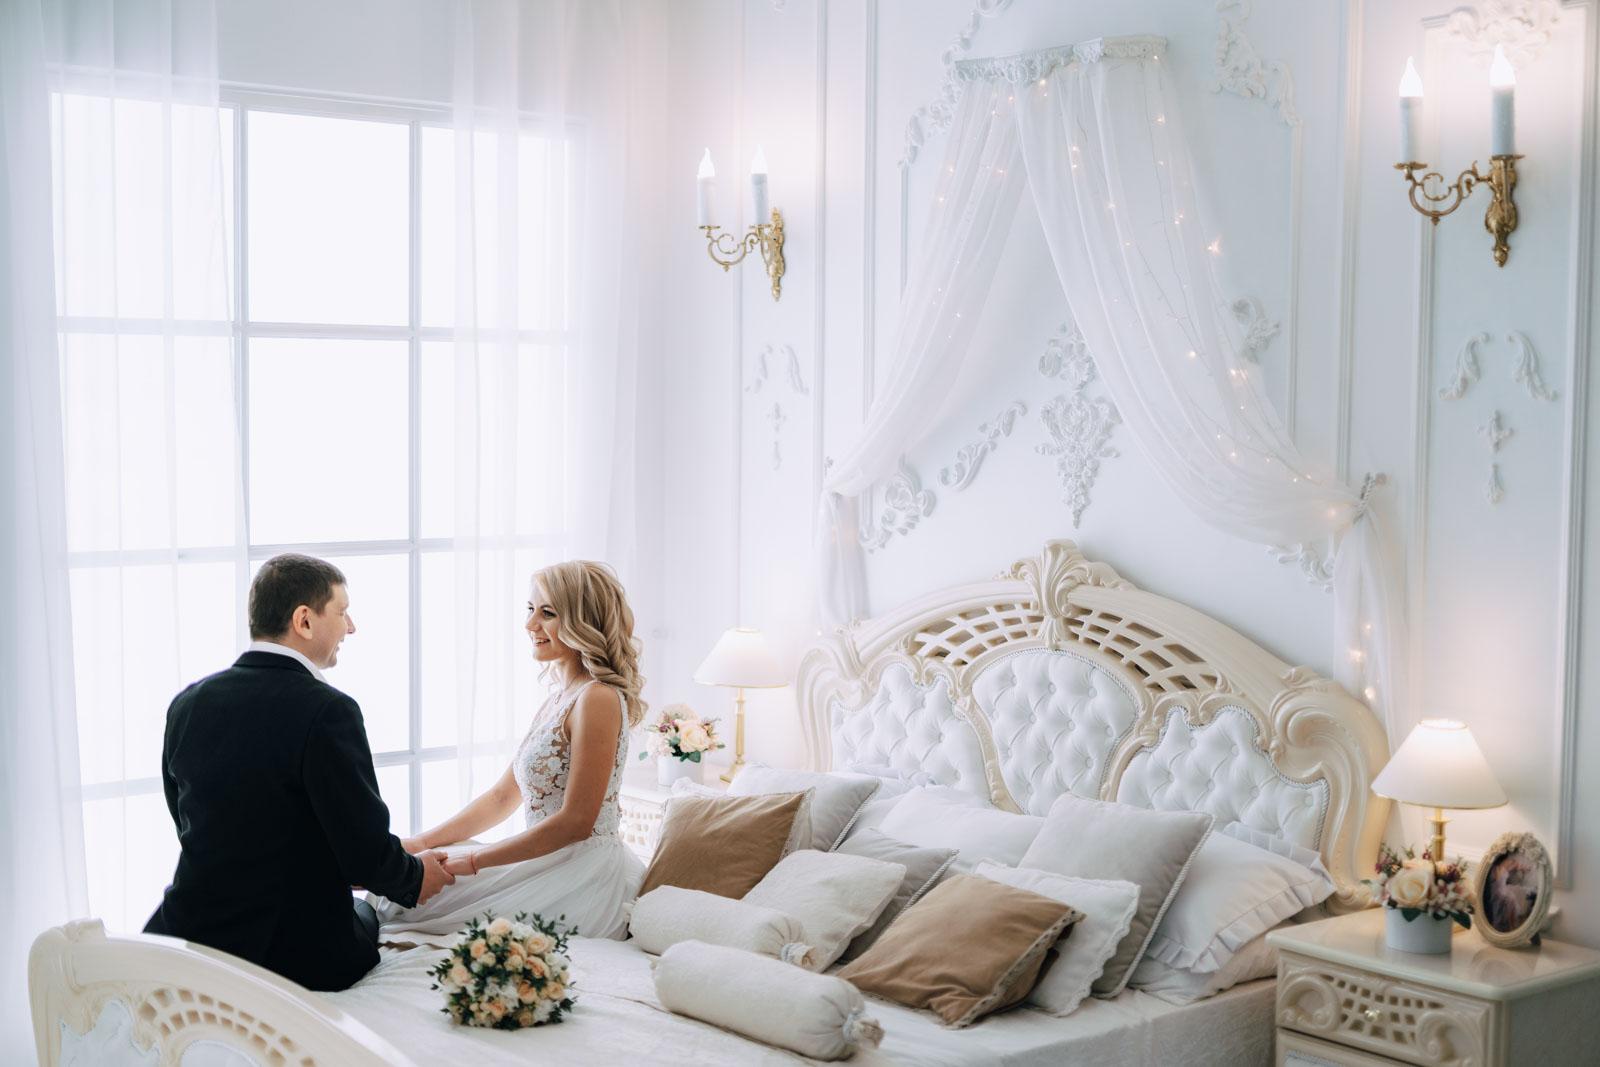 снять фотостудию для свадебной фотосессии что именно прическу